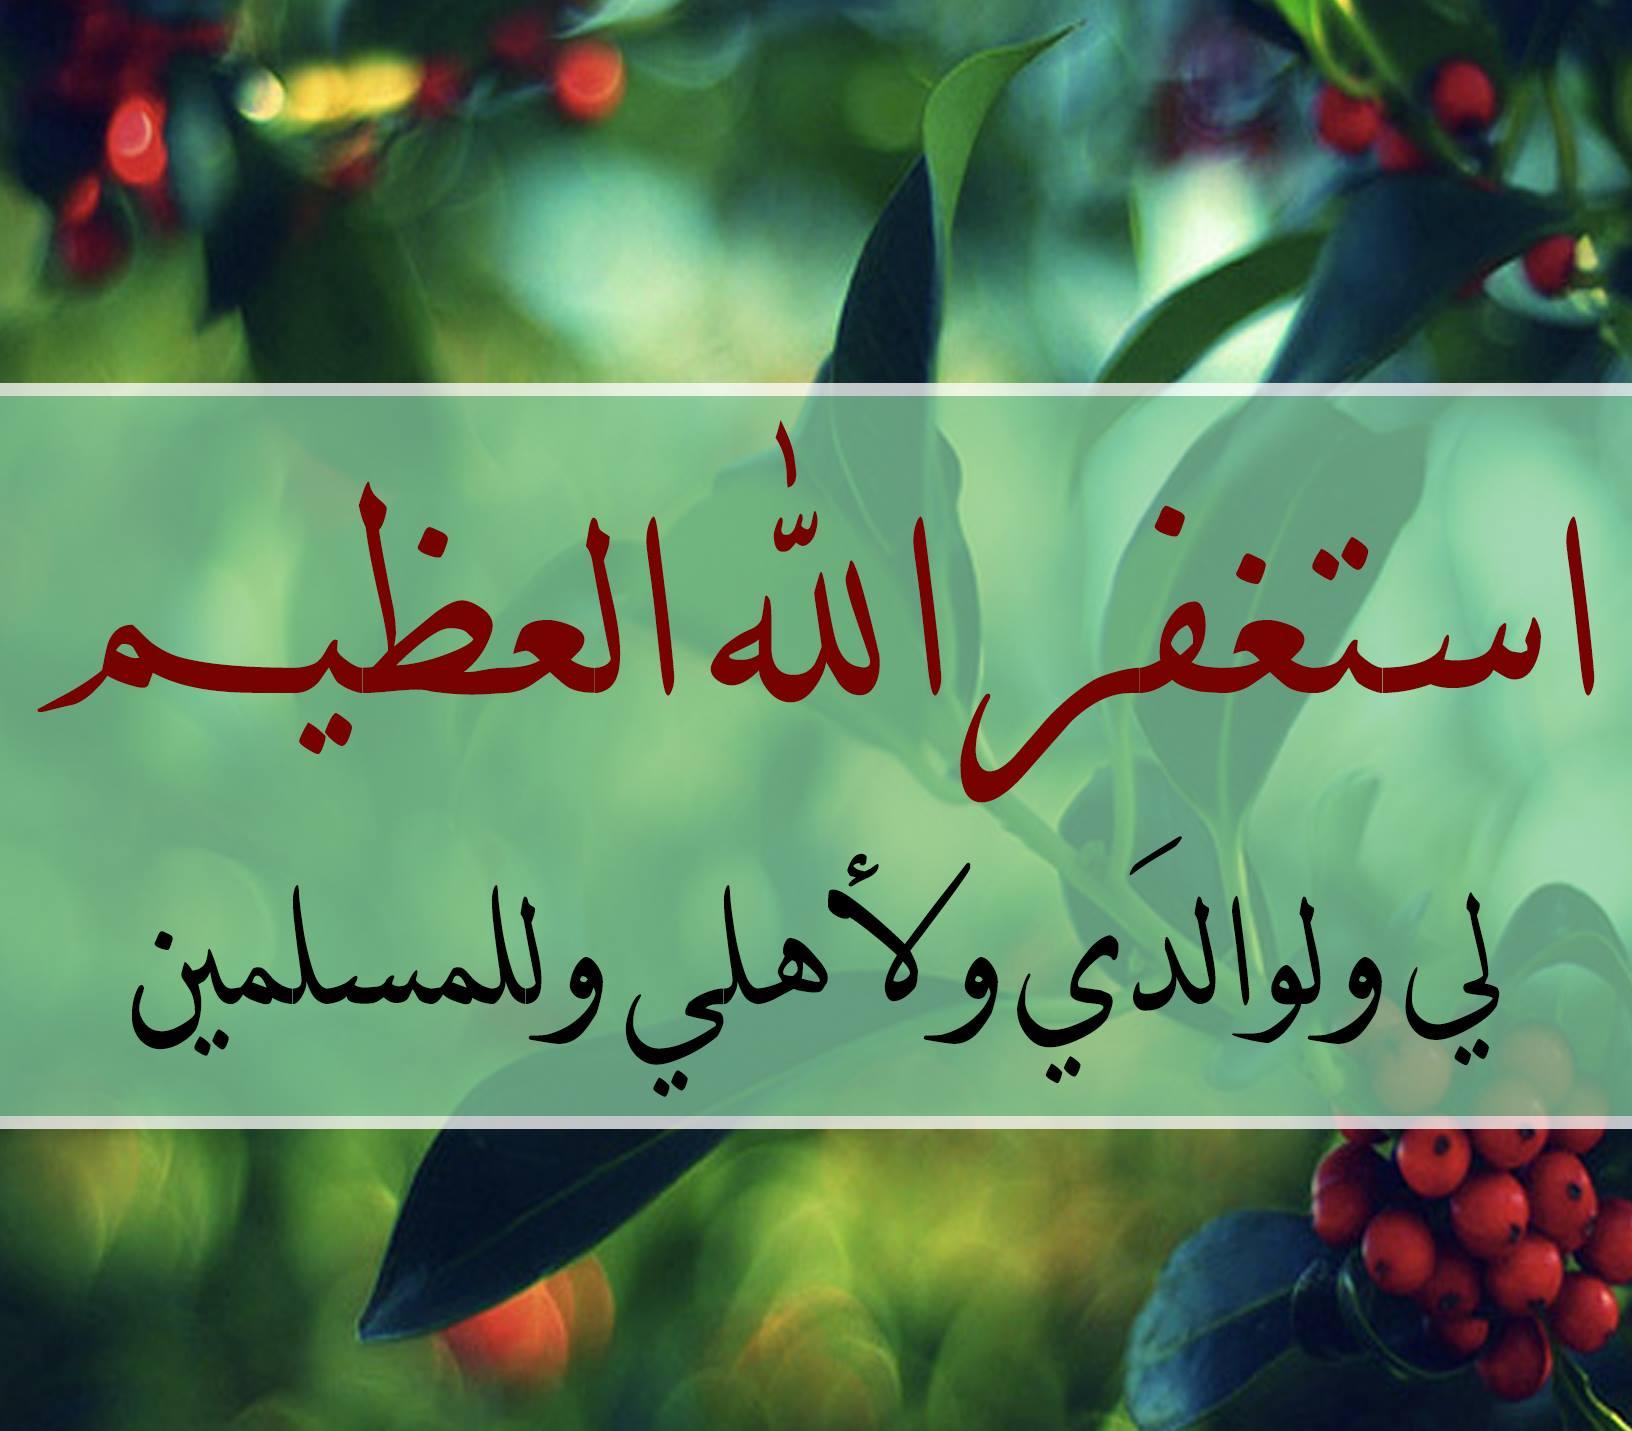 صورة صوردينية للفيس بوك , صور دينية للفيس بوك